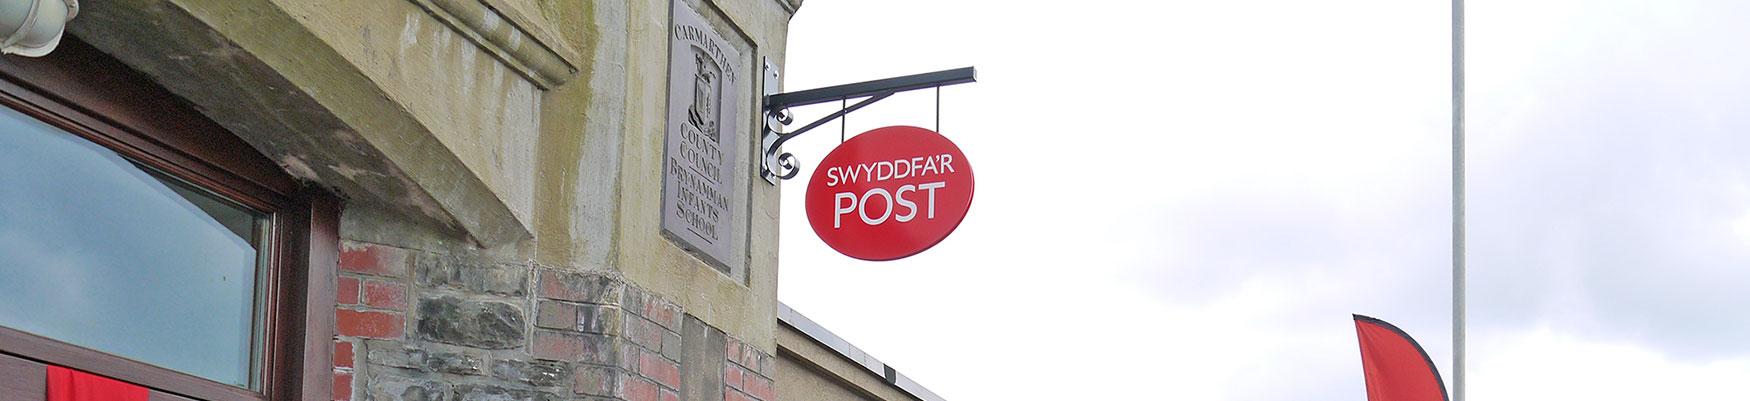 post-office-header.jpg